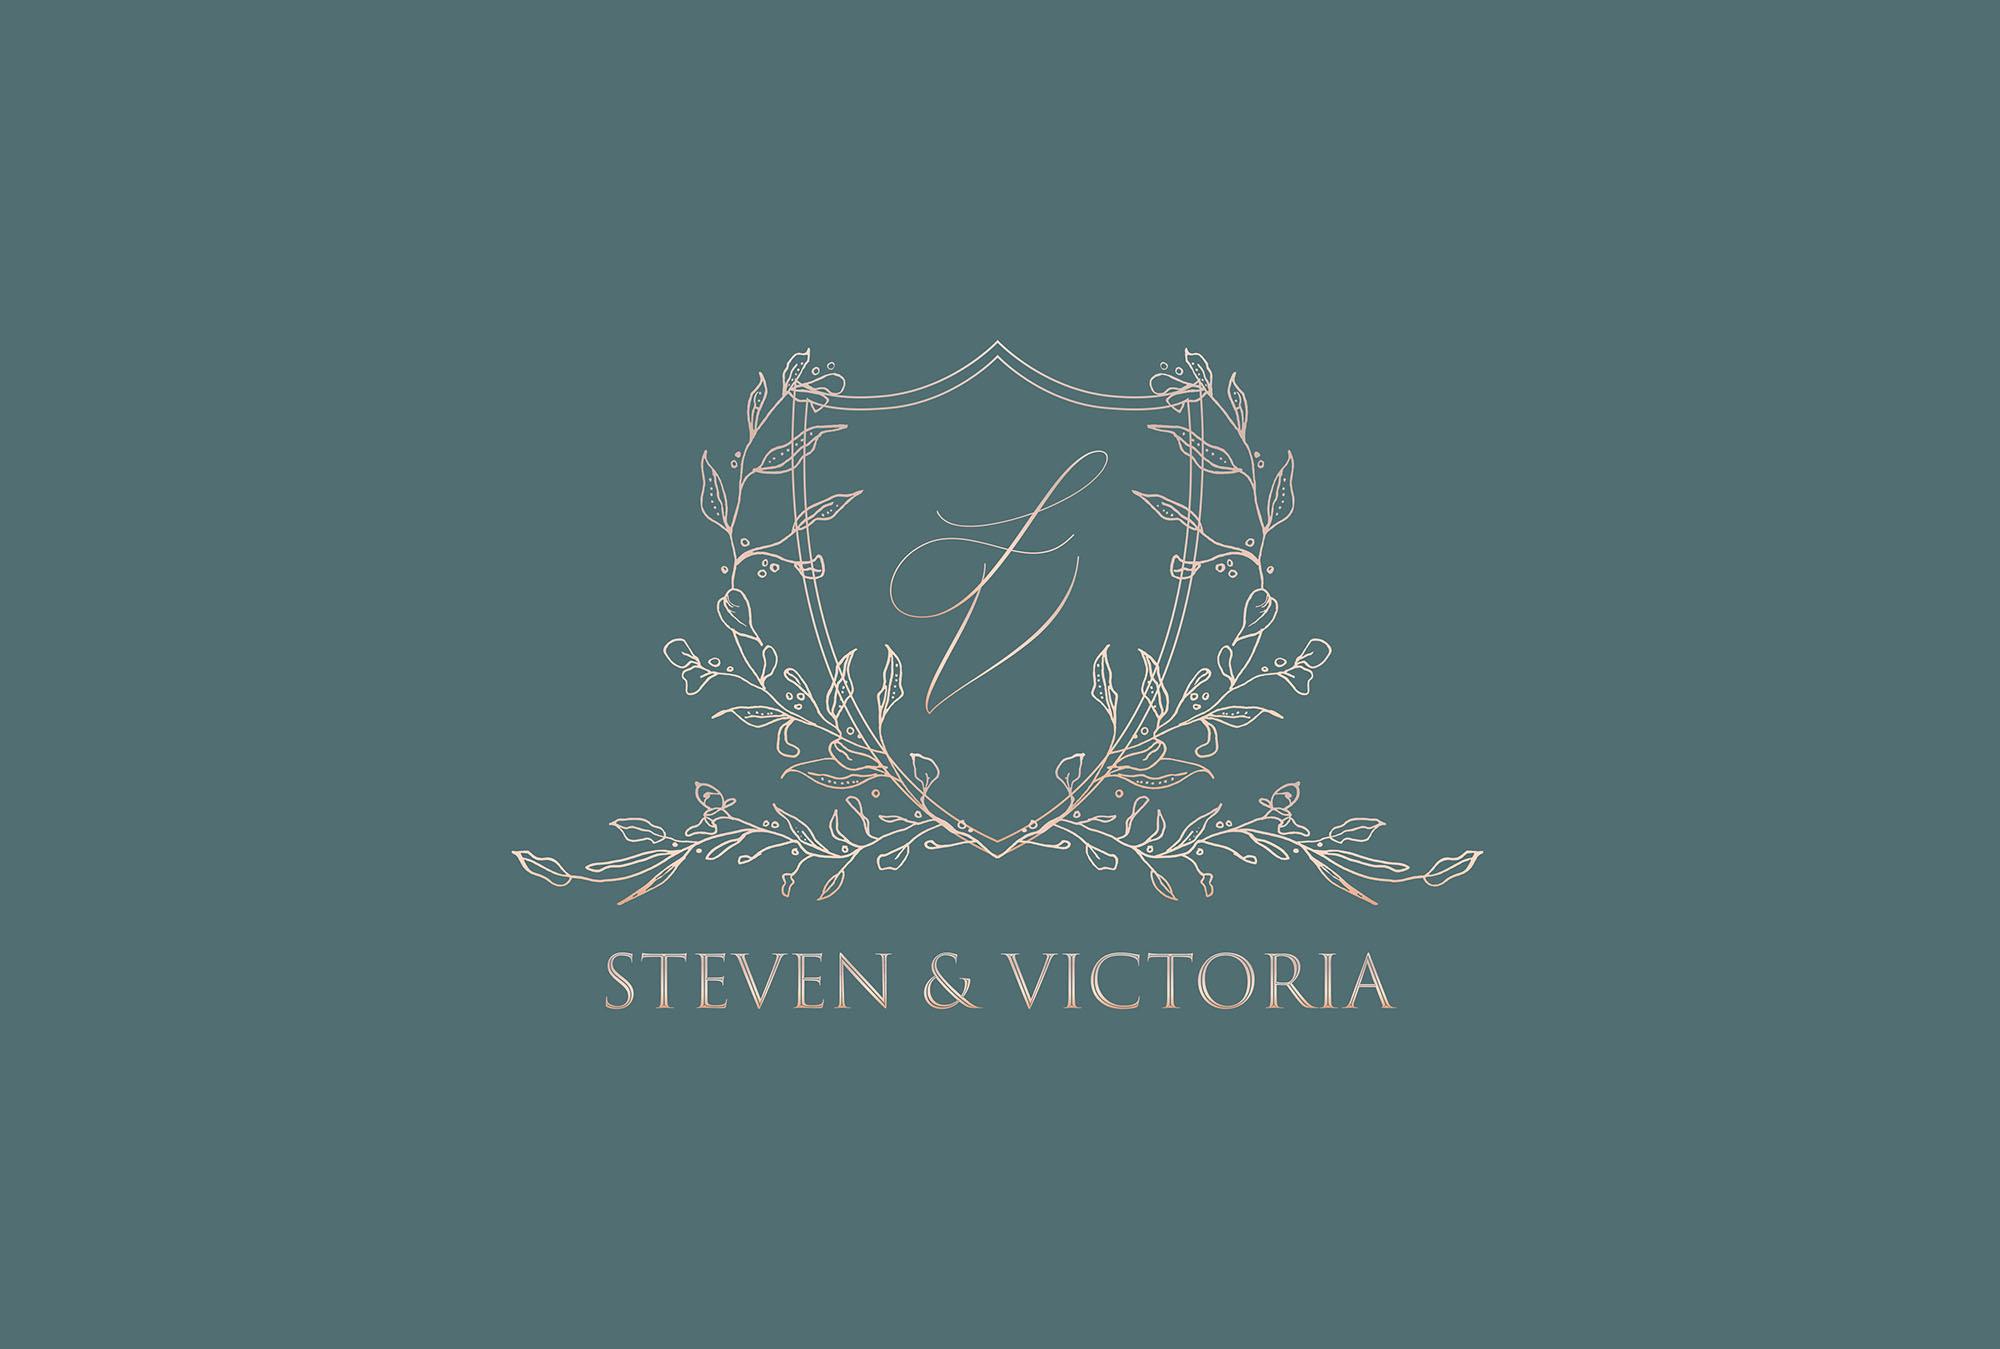 Royal Wedding Logo example image 4